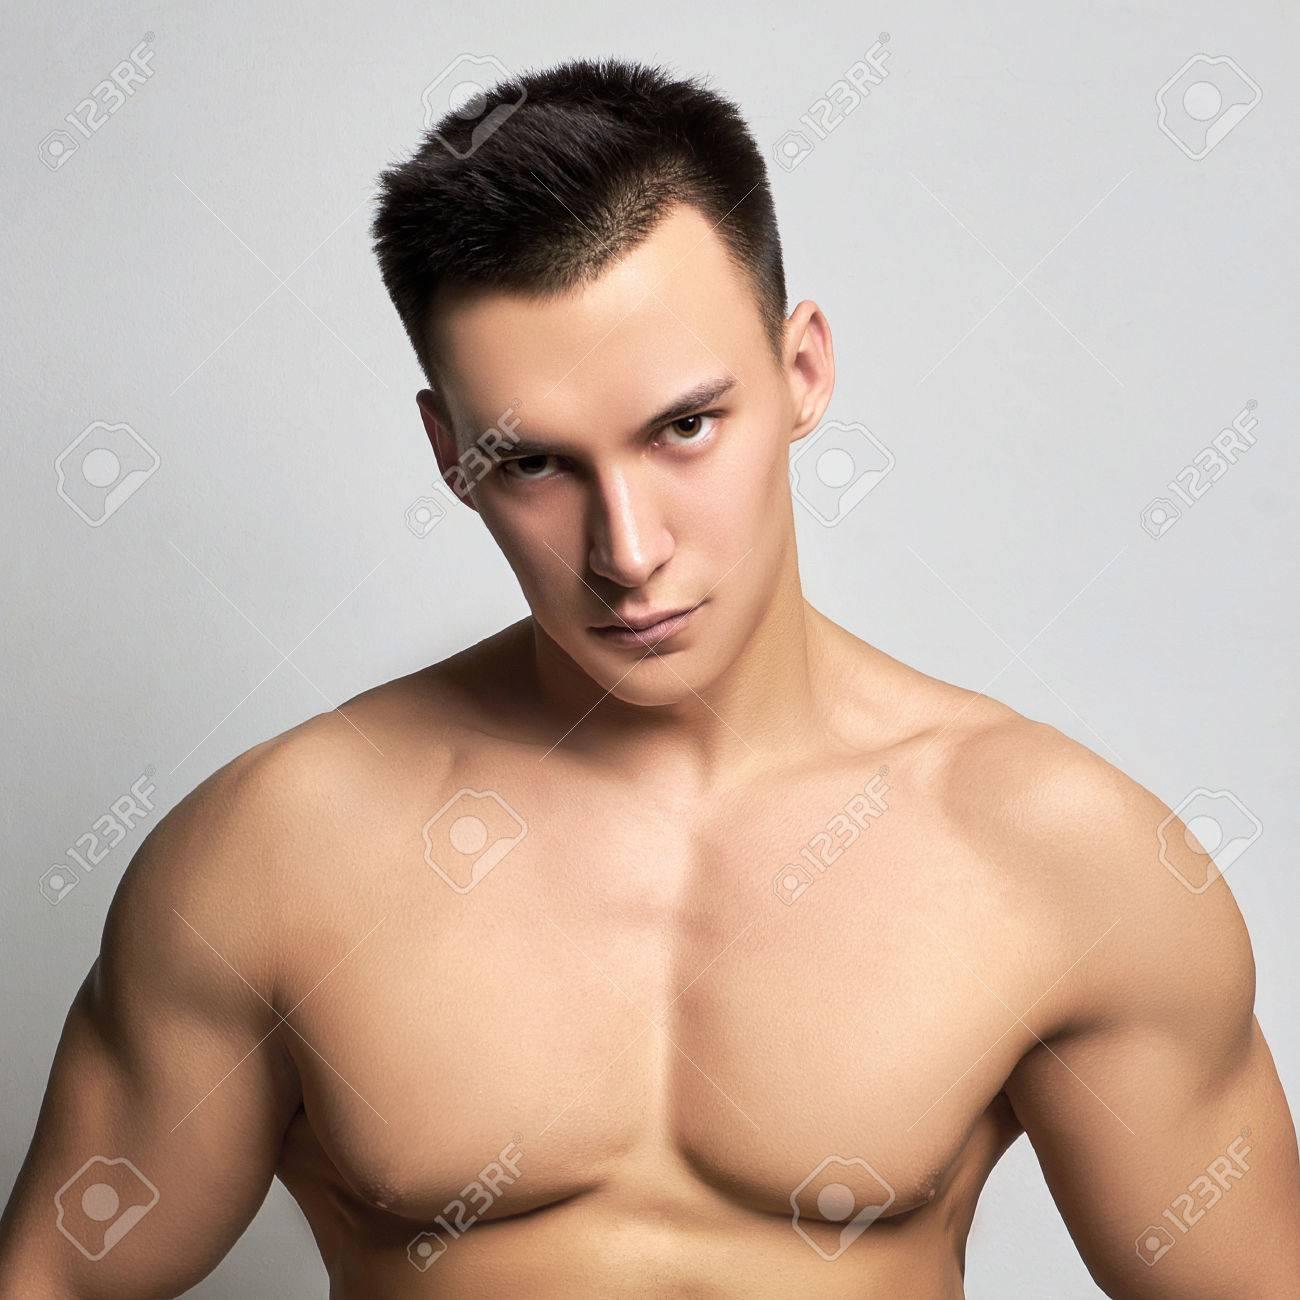 Archivio Fotografico - Bello atletico man.muscular idoneità ragazzo df72826731c9